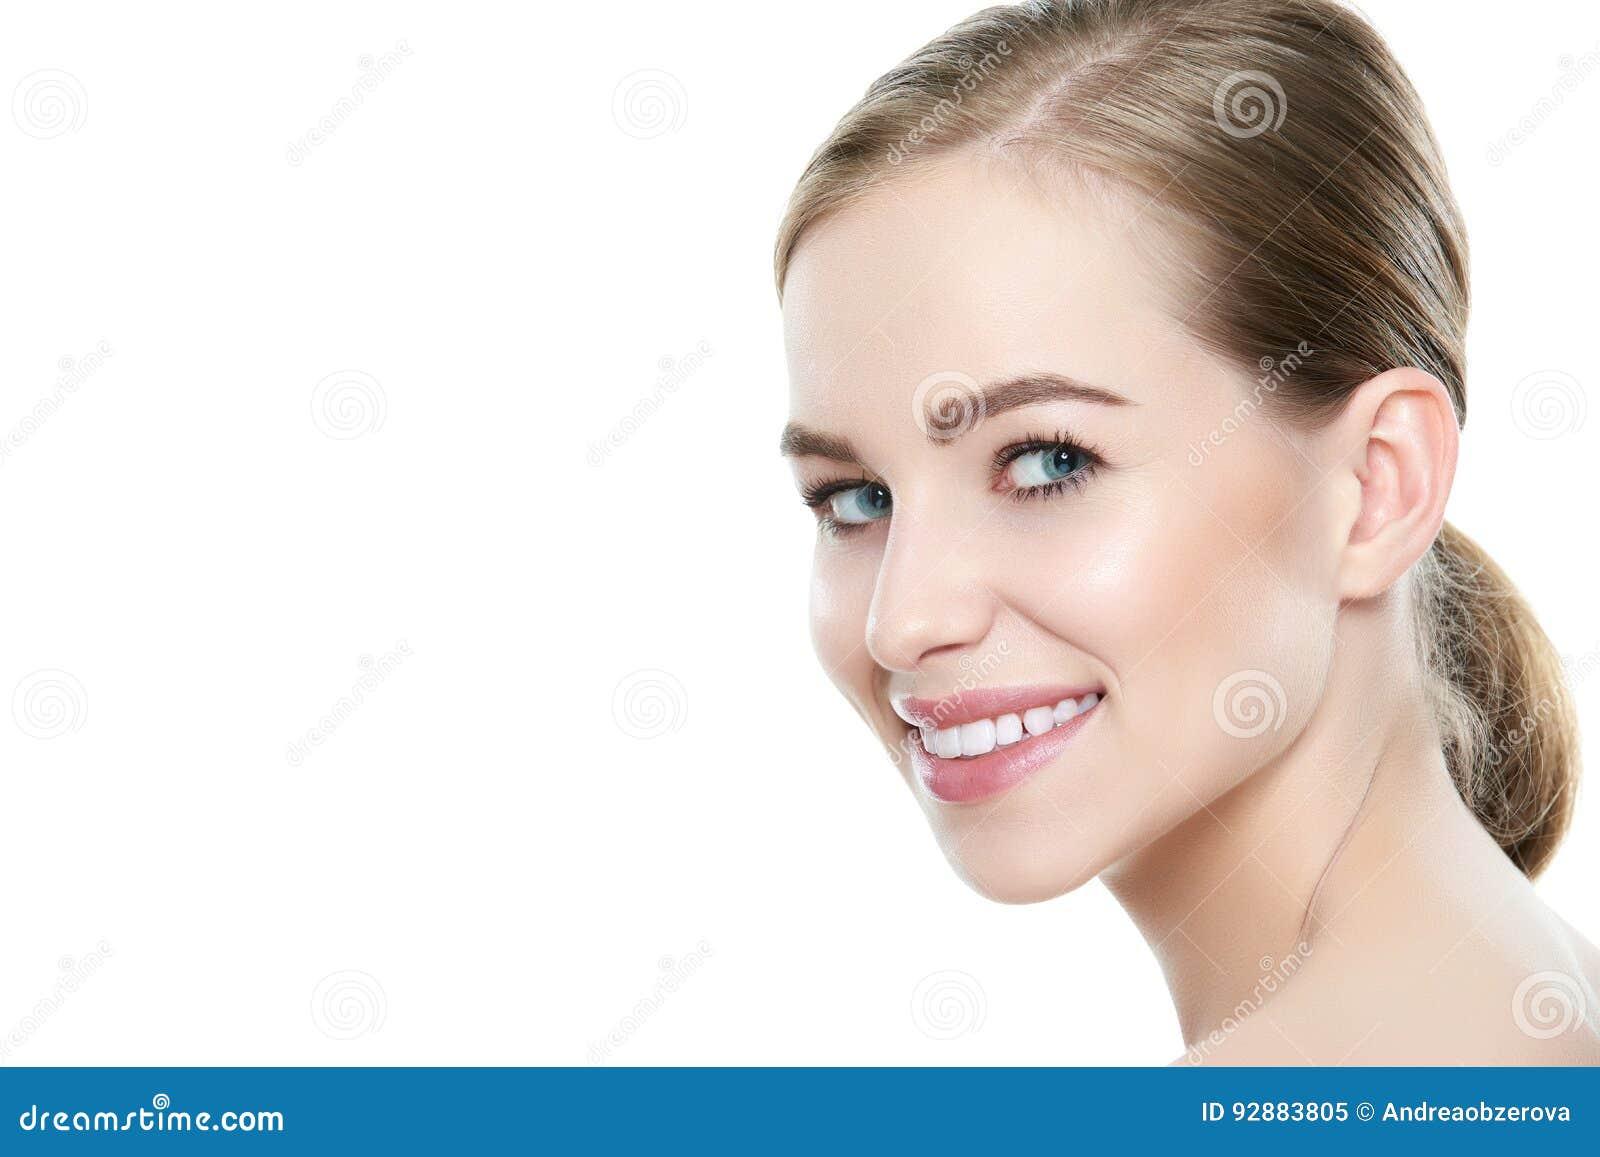 Schöne junge blonde lächelnde Frau mit sauberer Haut, natürliches Make-up und vervollkommnet weiße Zähne